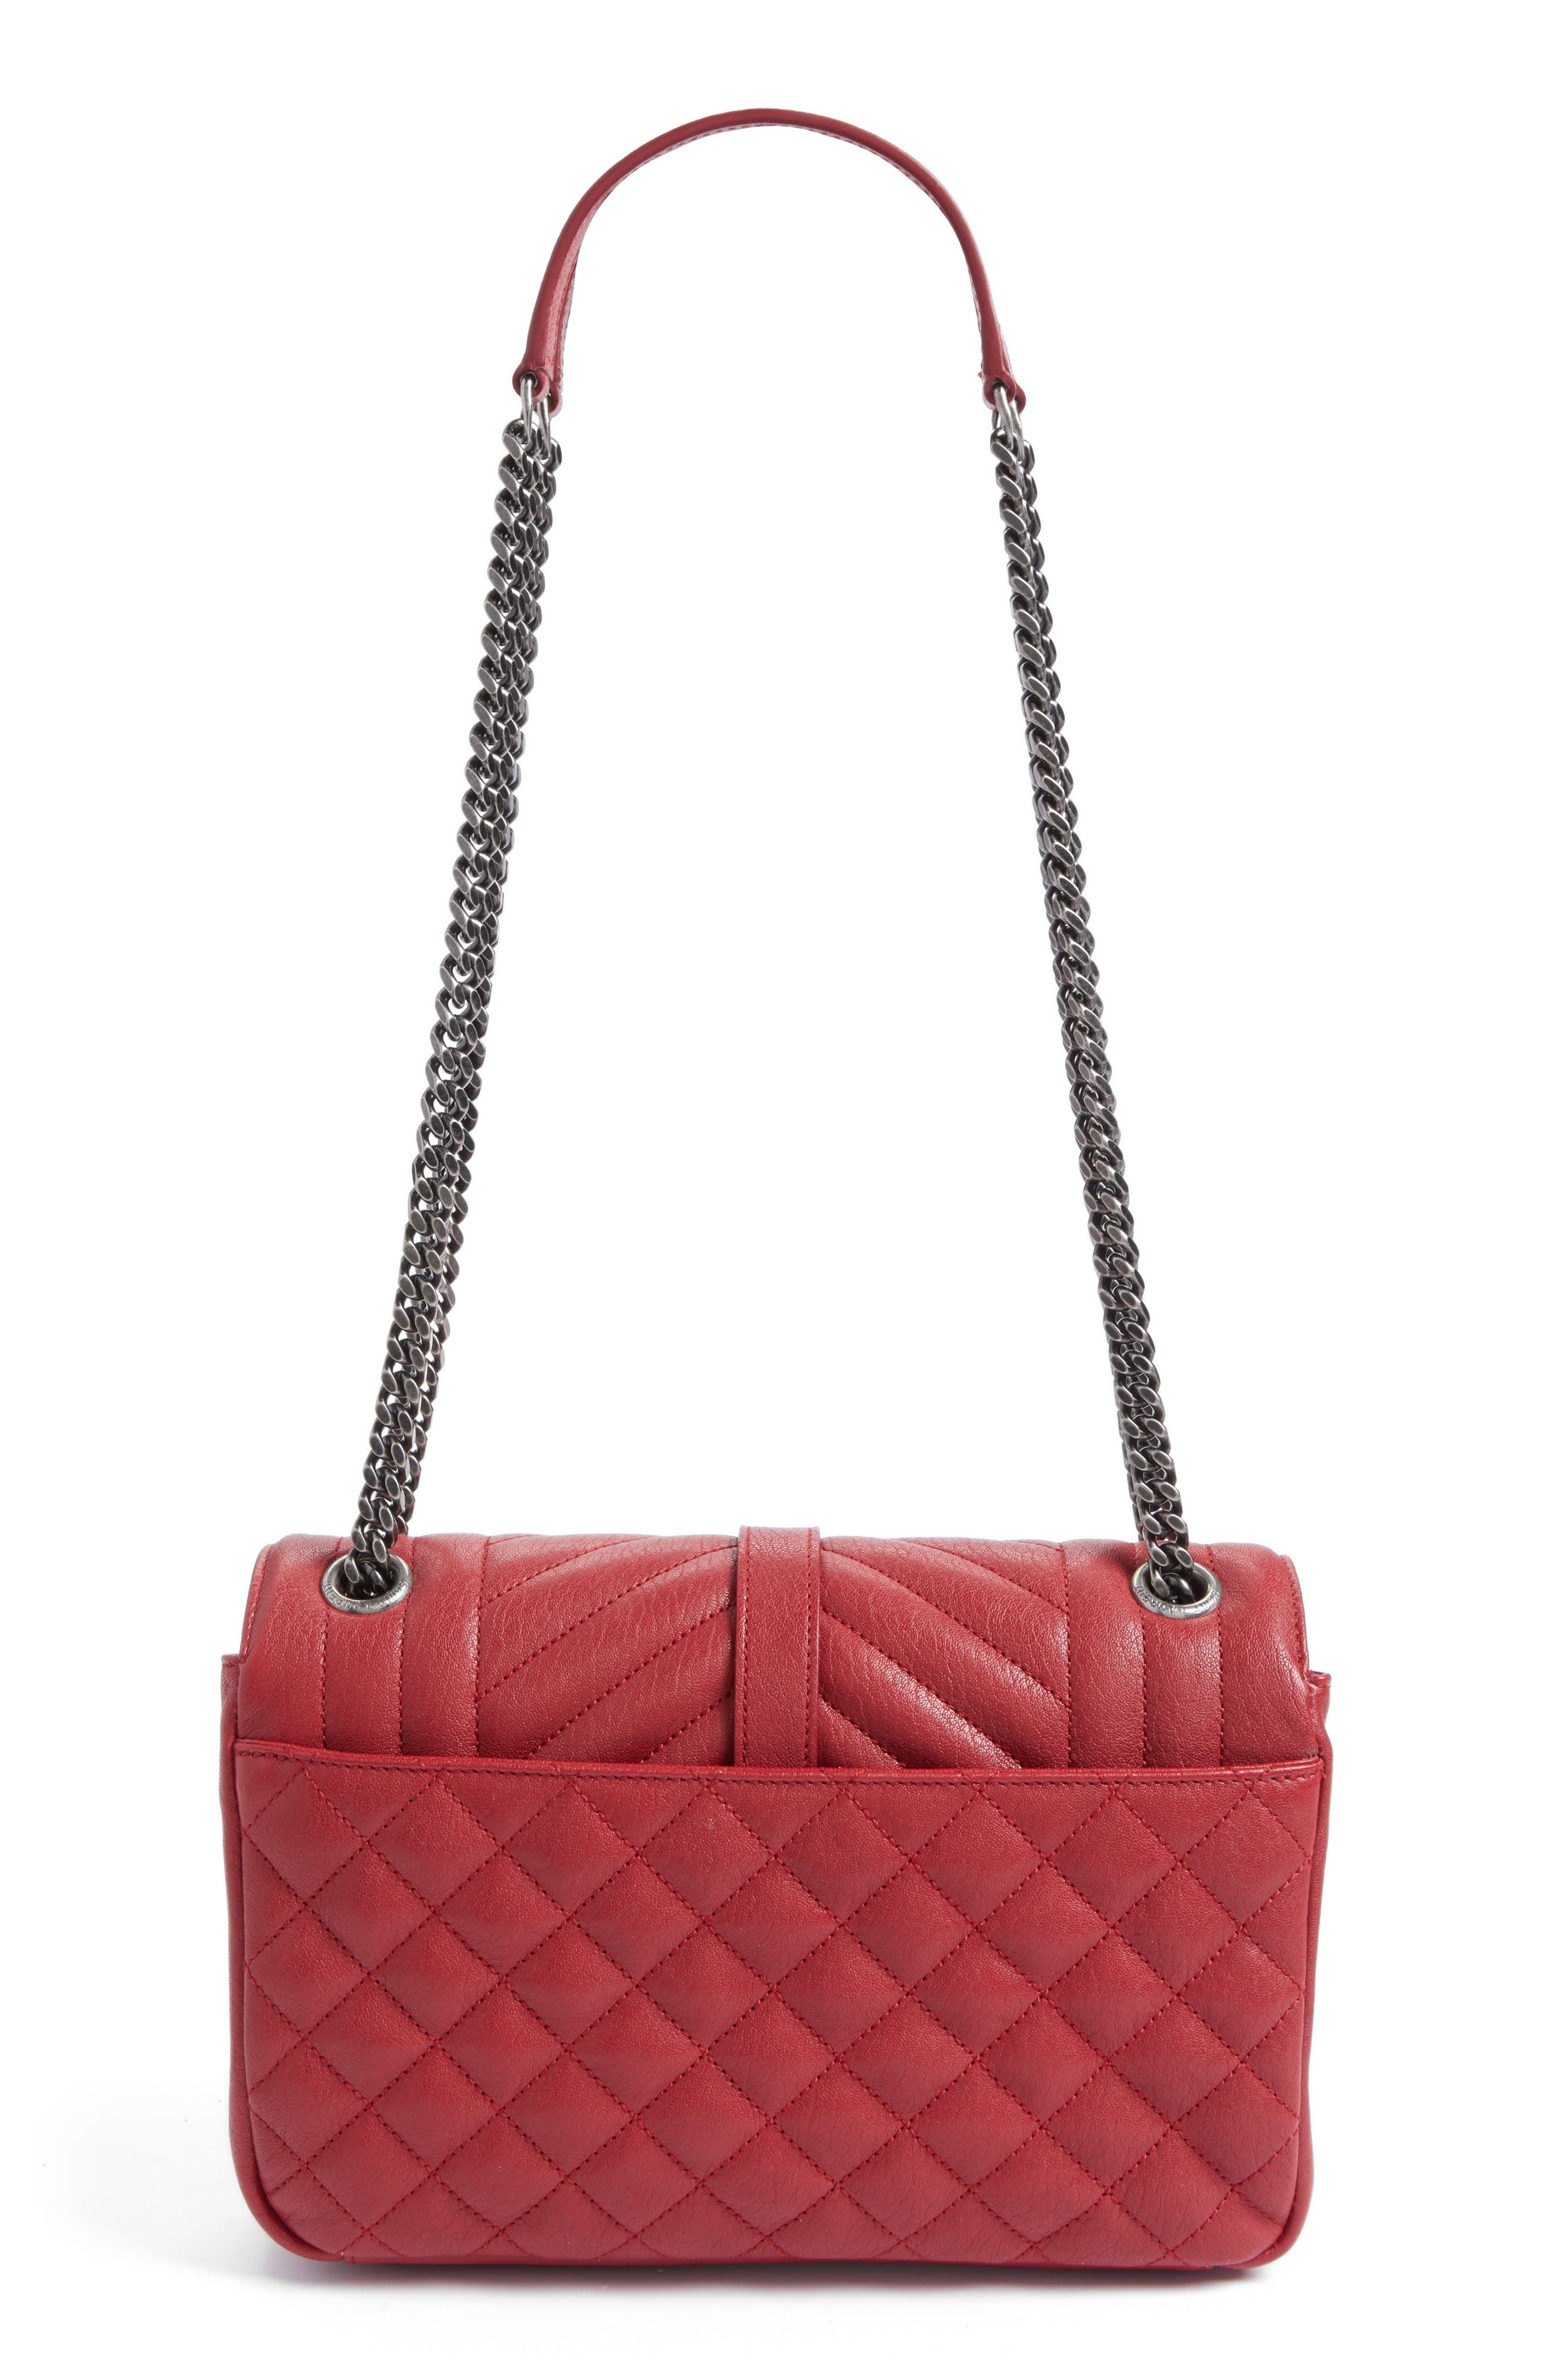 Large Monogramme Matelassé Leather Shoulder Bag,                             Alternate thumbnail 3, color,                             Rouge Lipstick